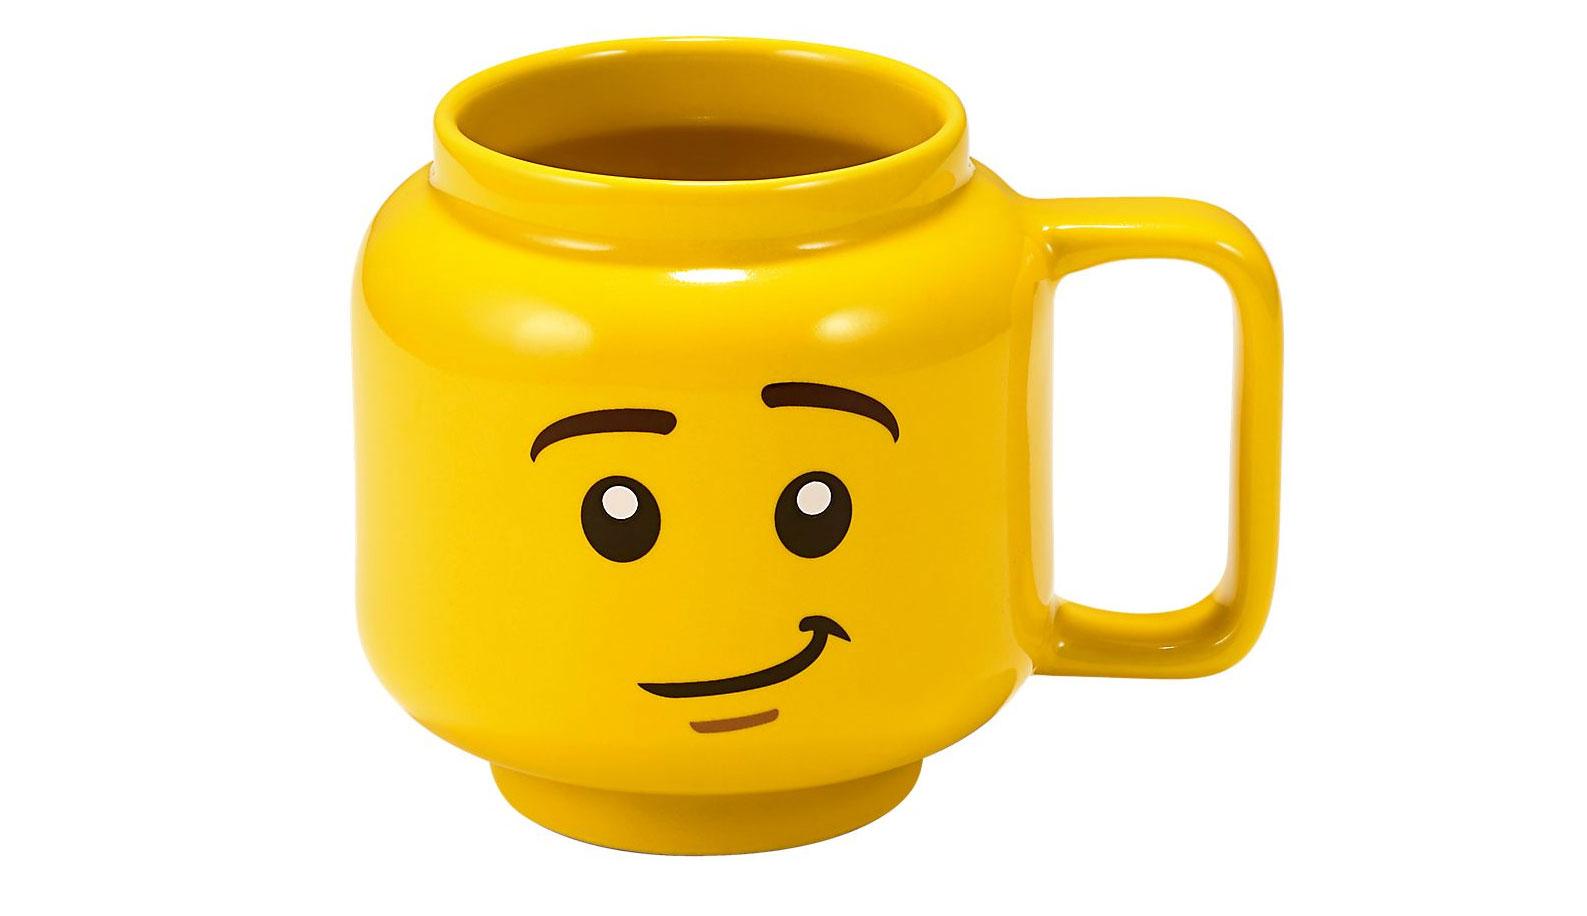 lego-ceramic-mug